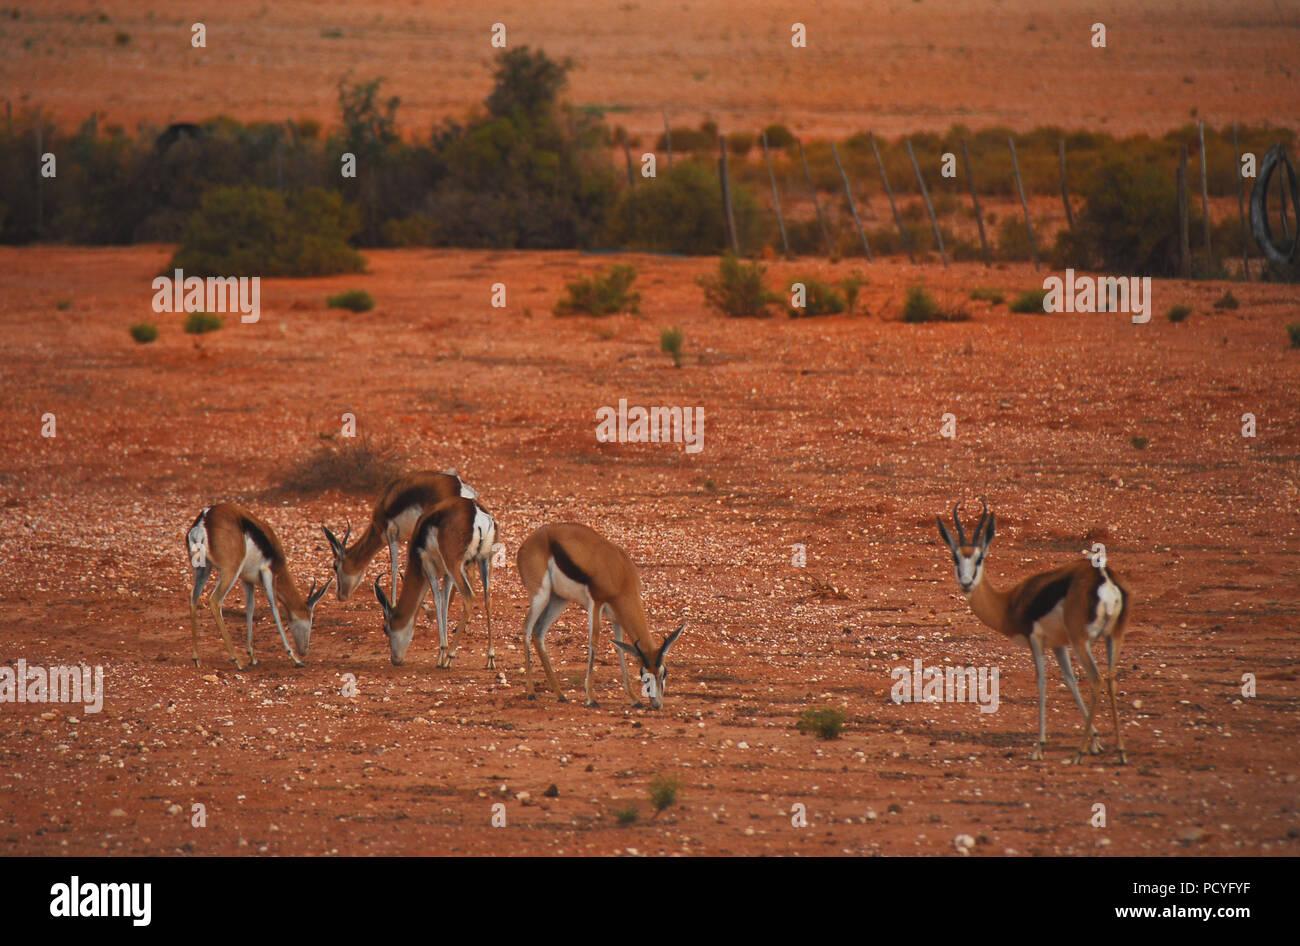 Antelope White Background Stock Photos & Antelope White